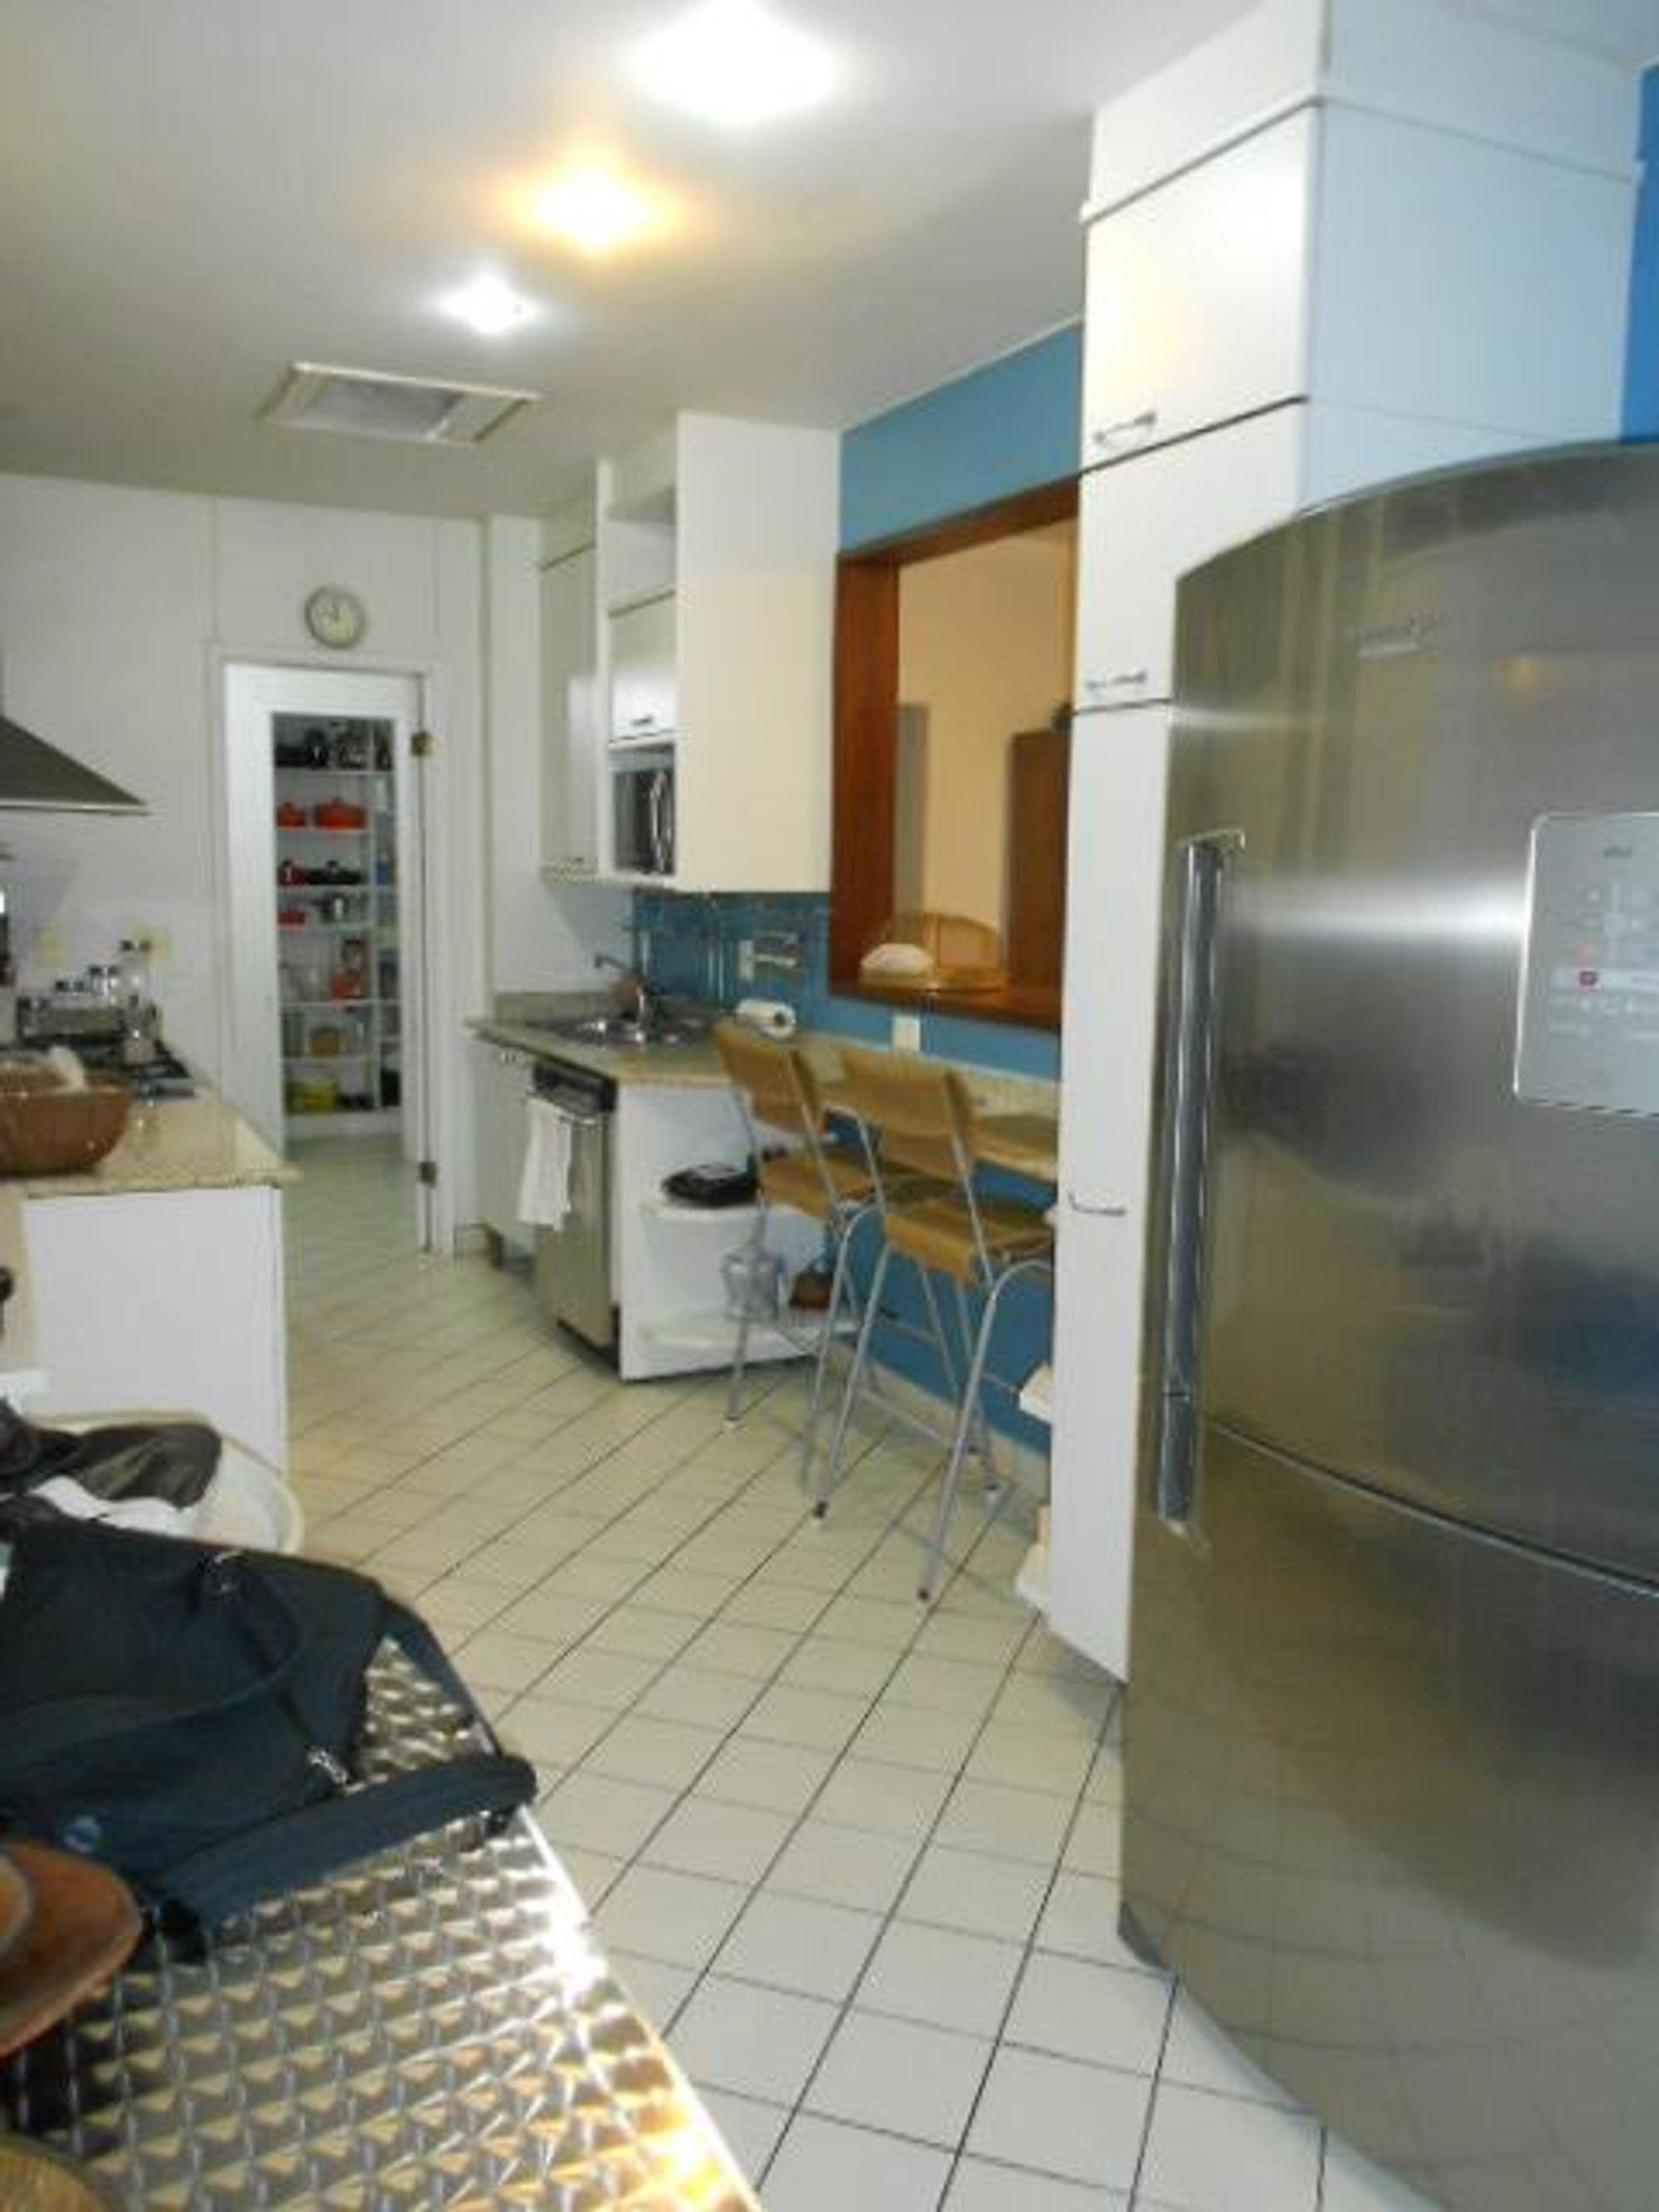 Foto de Cozinha com relógio, tigela, geladeira, cadeira, microondas